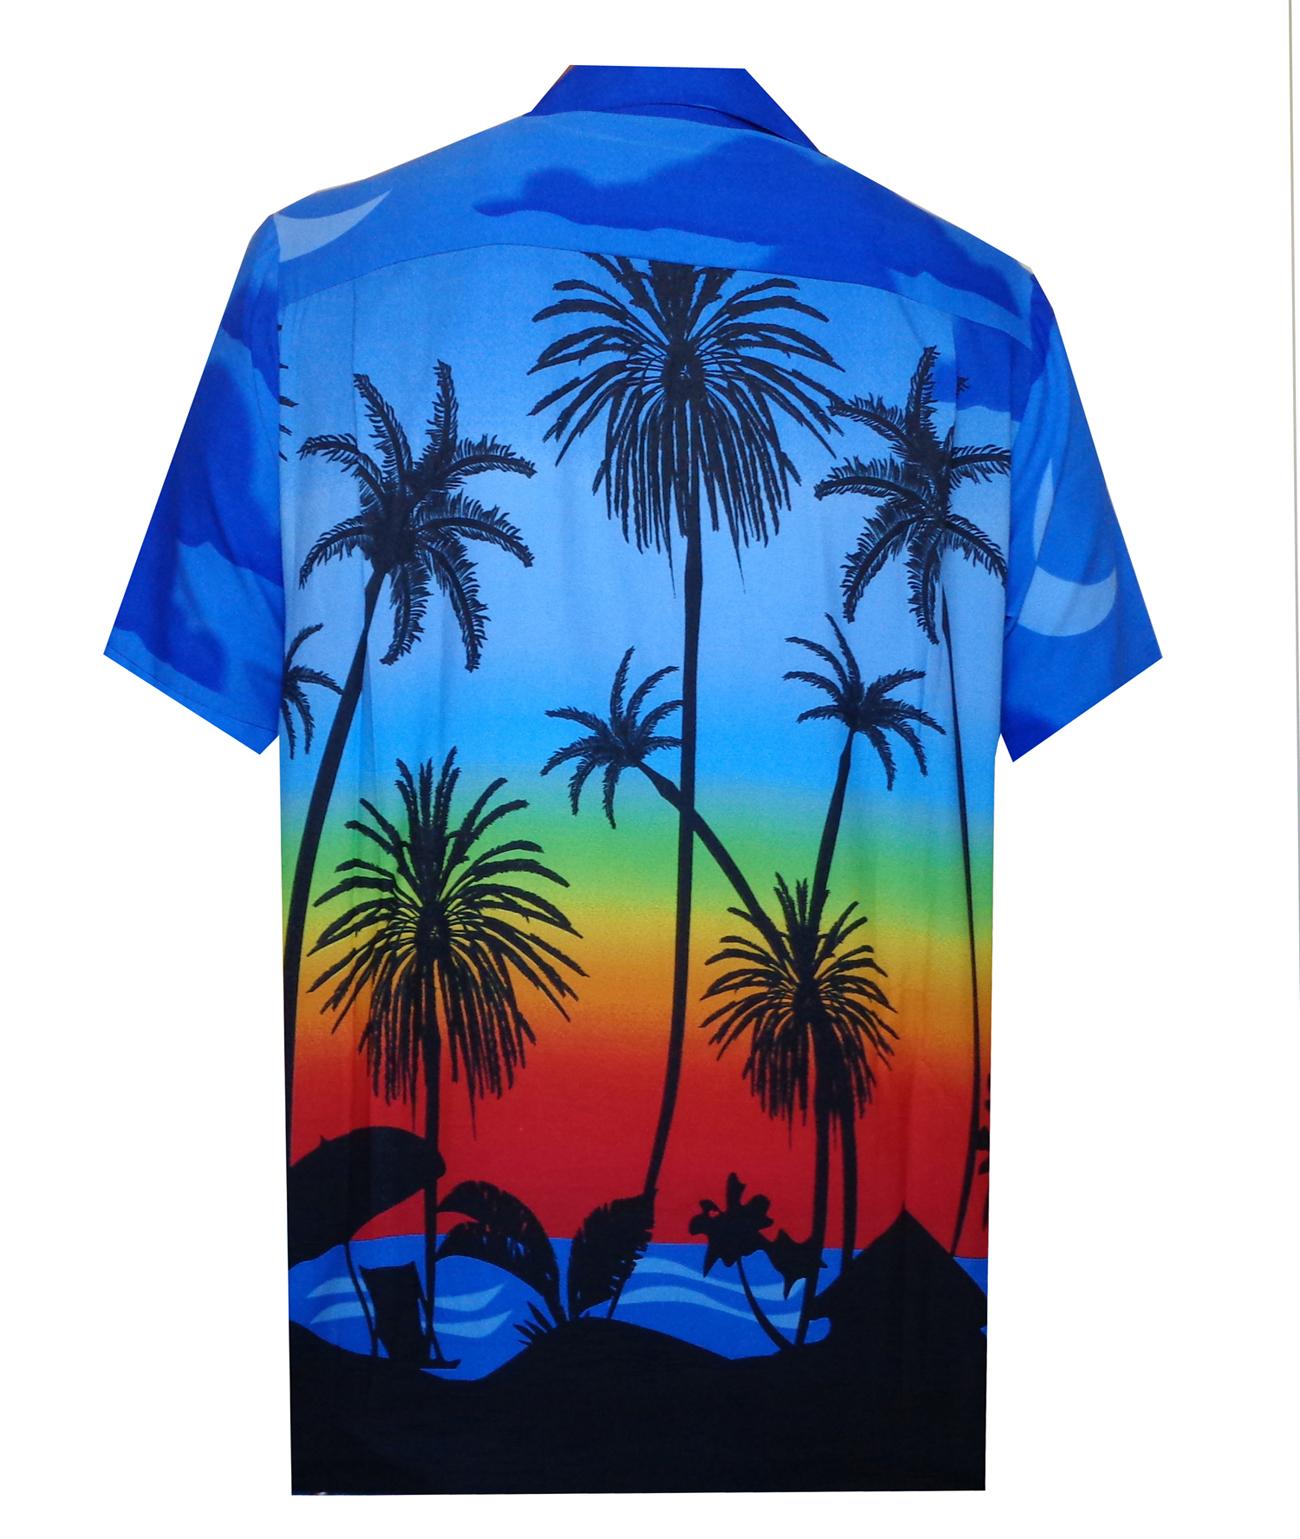 Hawaiian-Shirt-5-Mens-Allover-Coconut-Tree-Print-Beach-Aloha-Party thumbnail 11